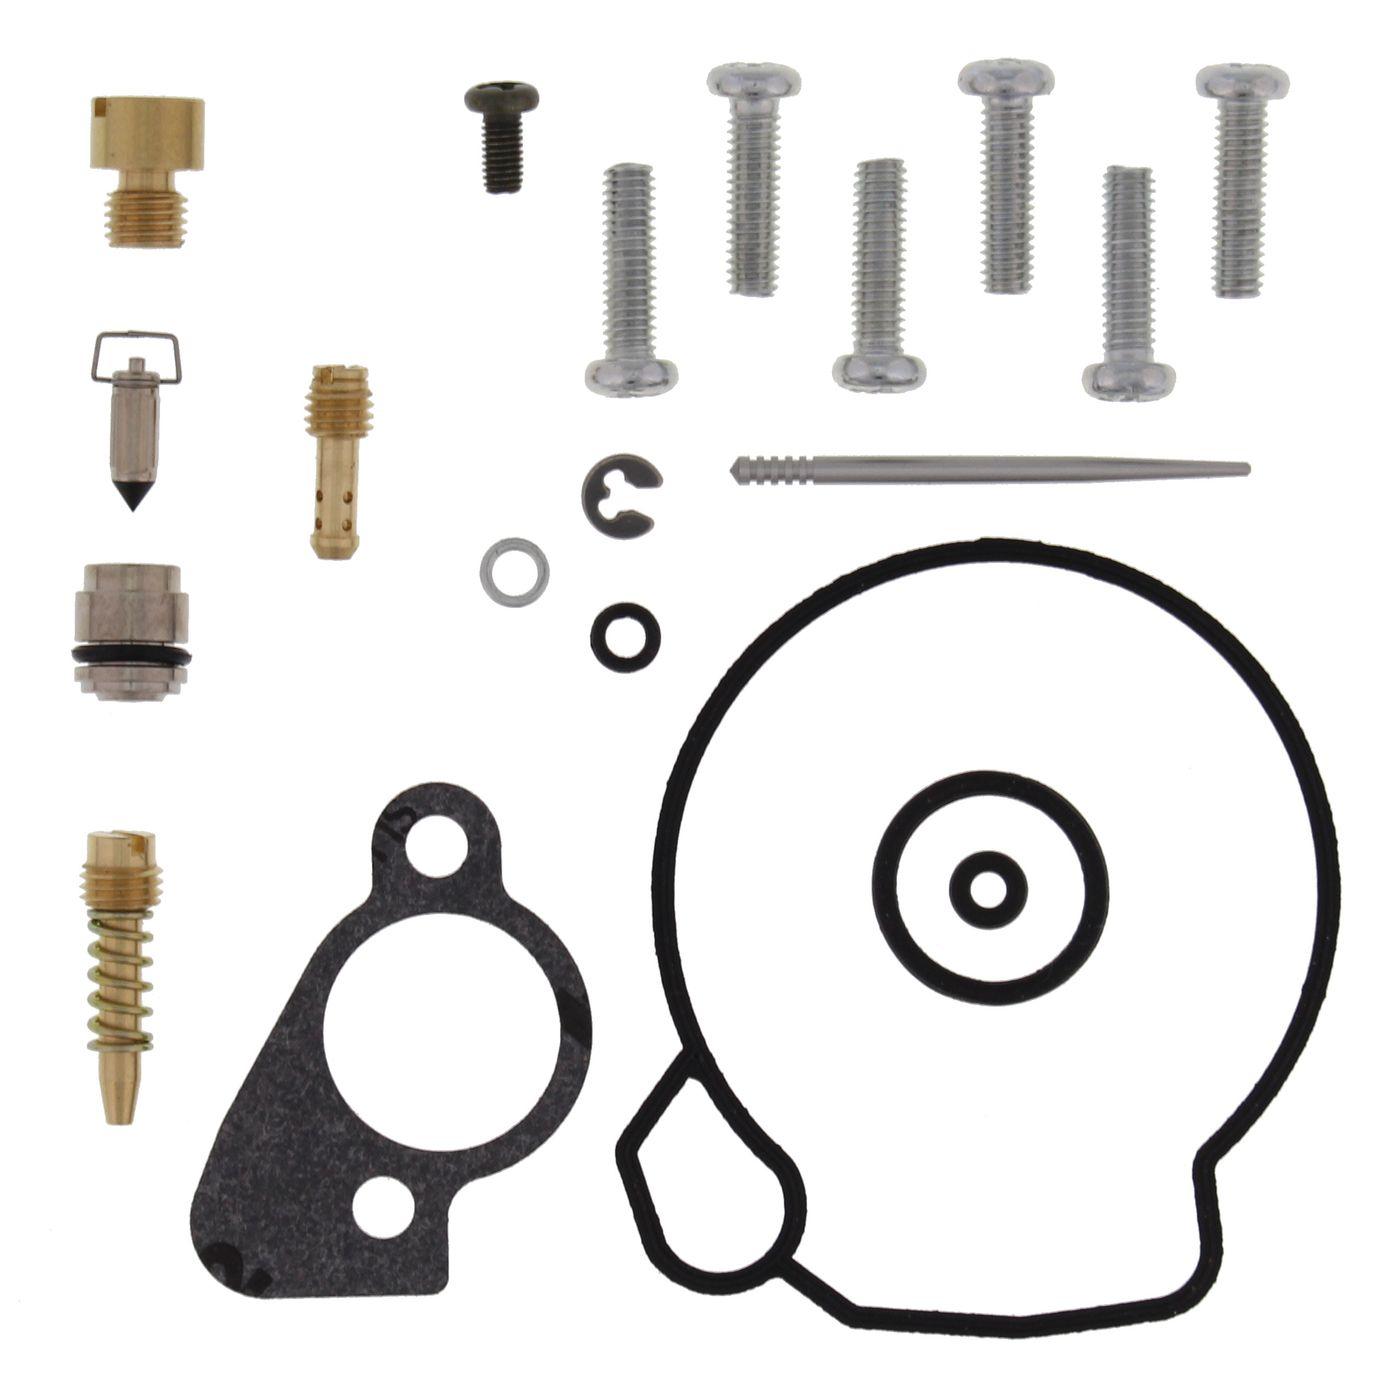 wrp carb repair kits - WRP261046 image